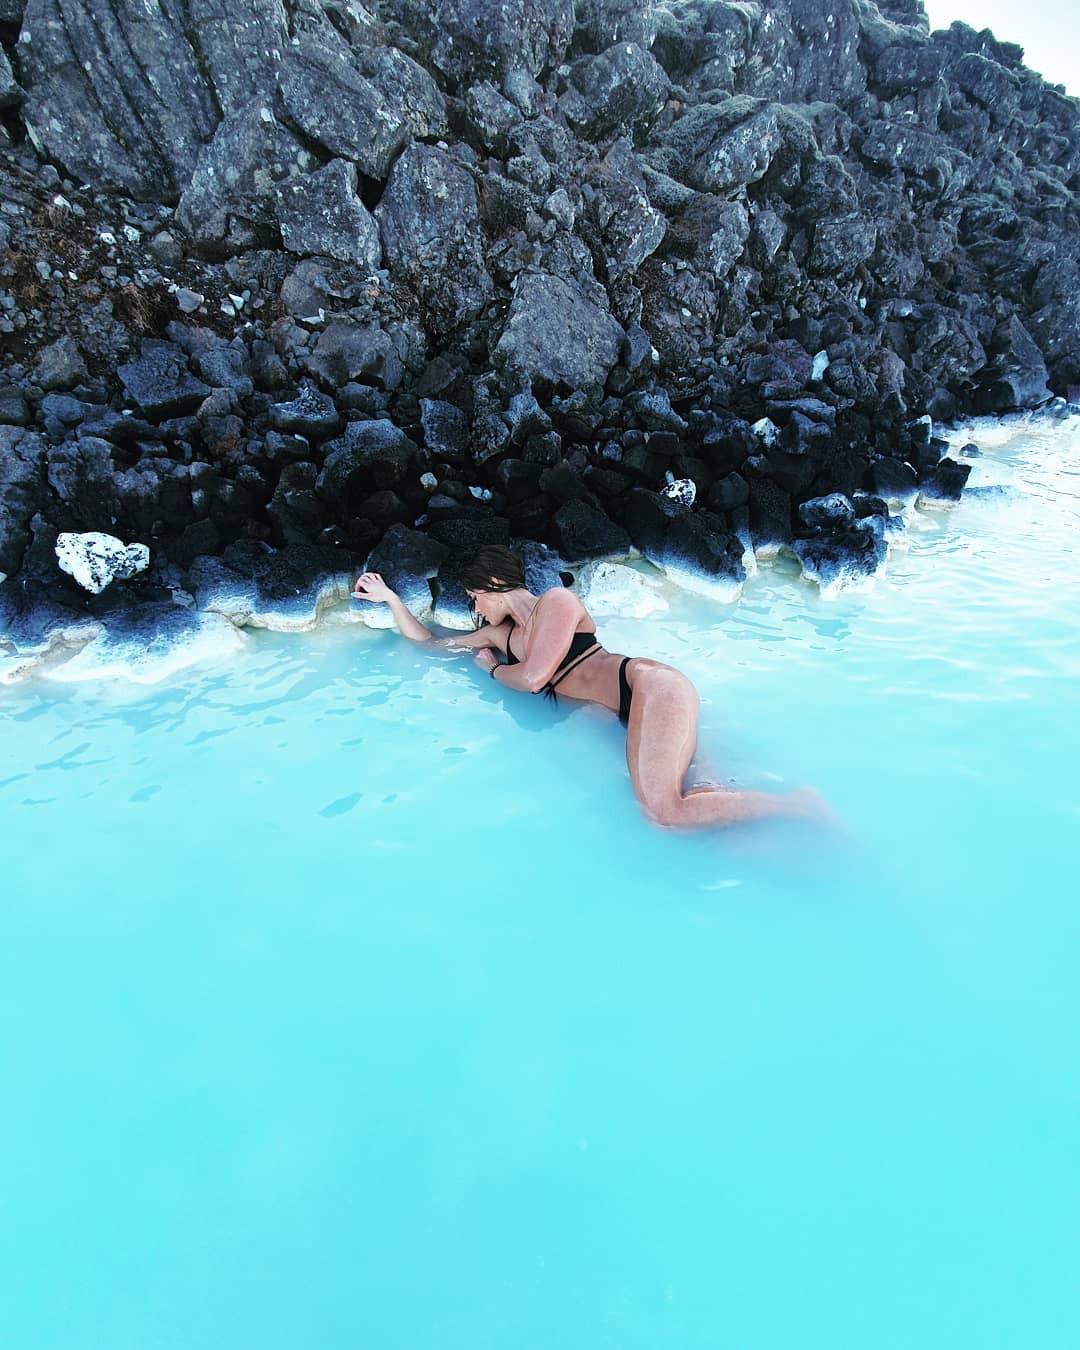 Loạt ảnh tả thực của suối nước nóng được mệnh danh đẹp nhất thế giới khiến dân tình thét lên: Từ giờ không tin cái gì trên mạng nữa! - Ảnh 6.